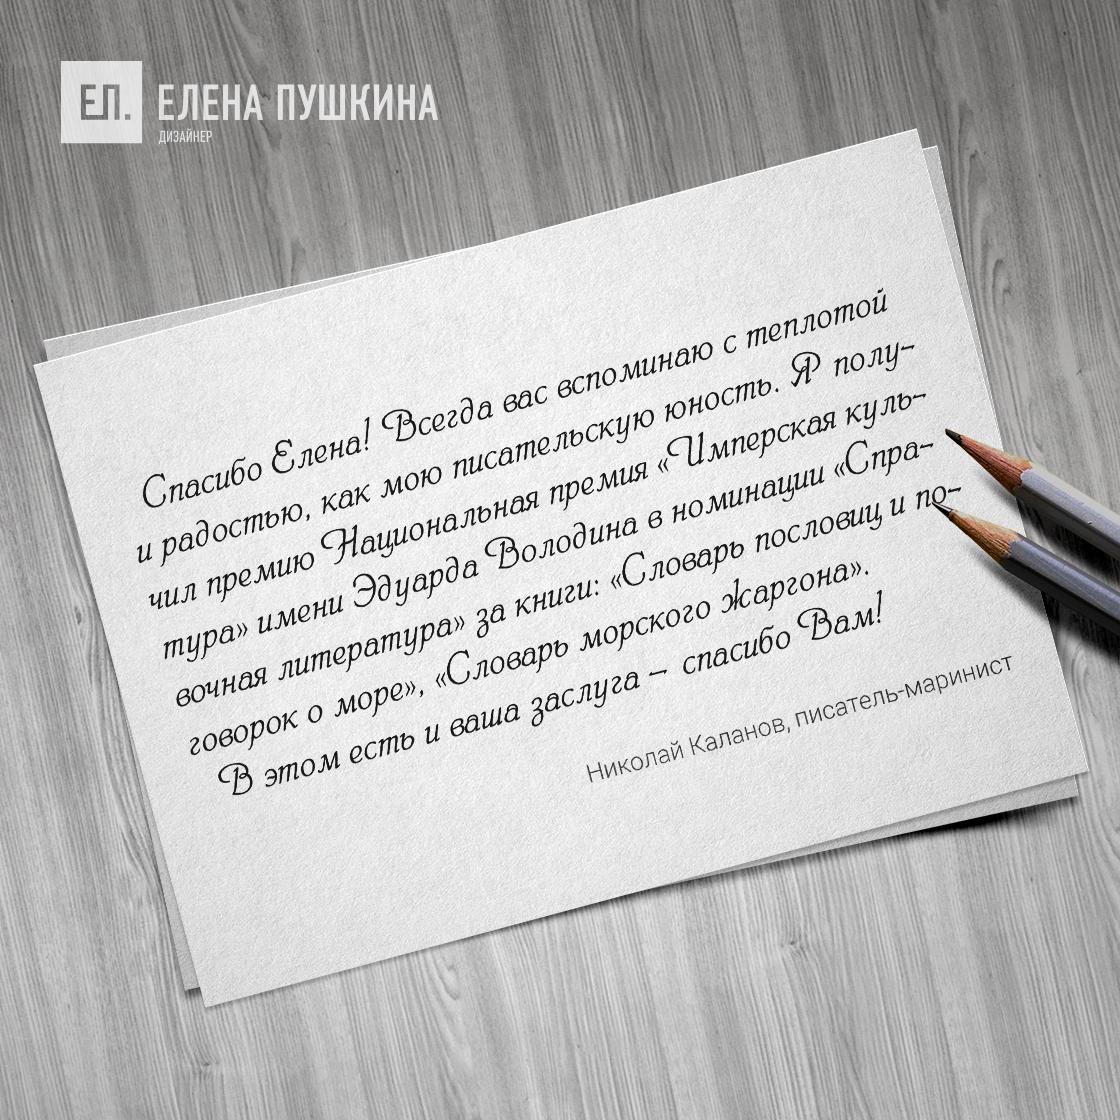 Николай Каланов — писатель-маринист Отзывы